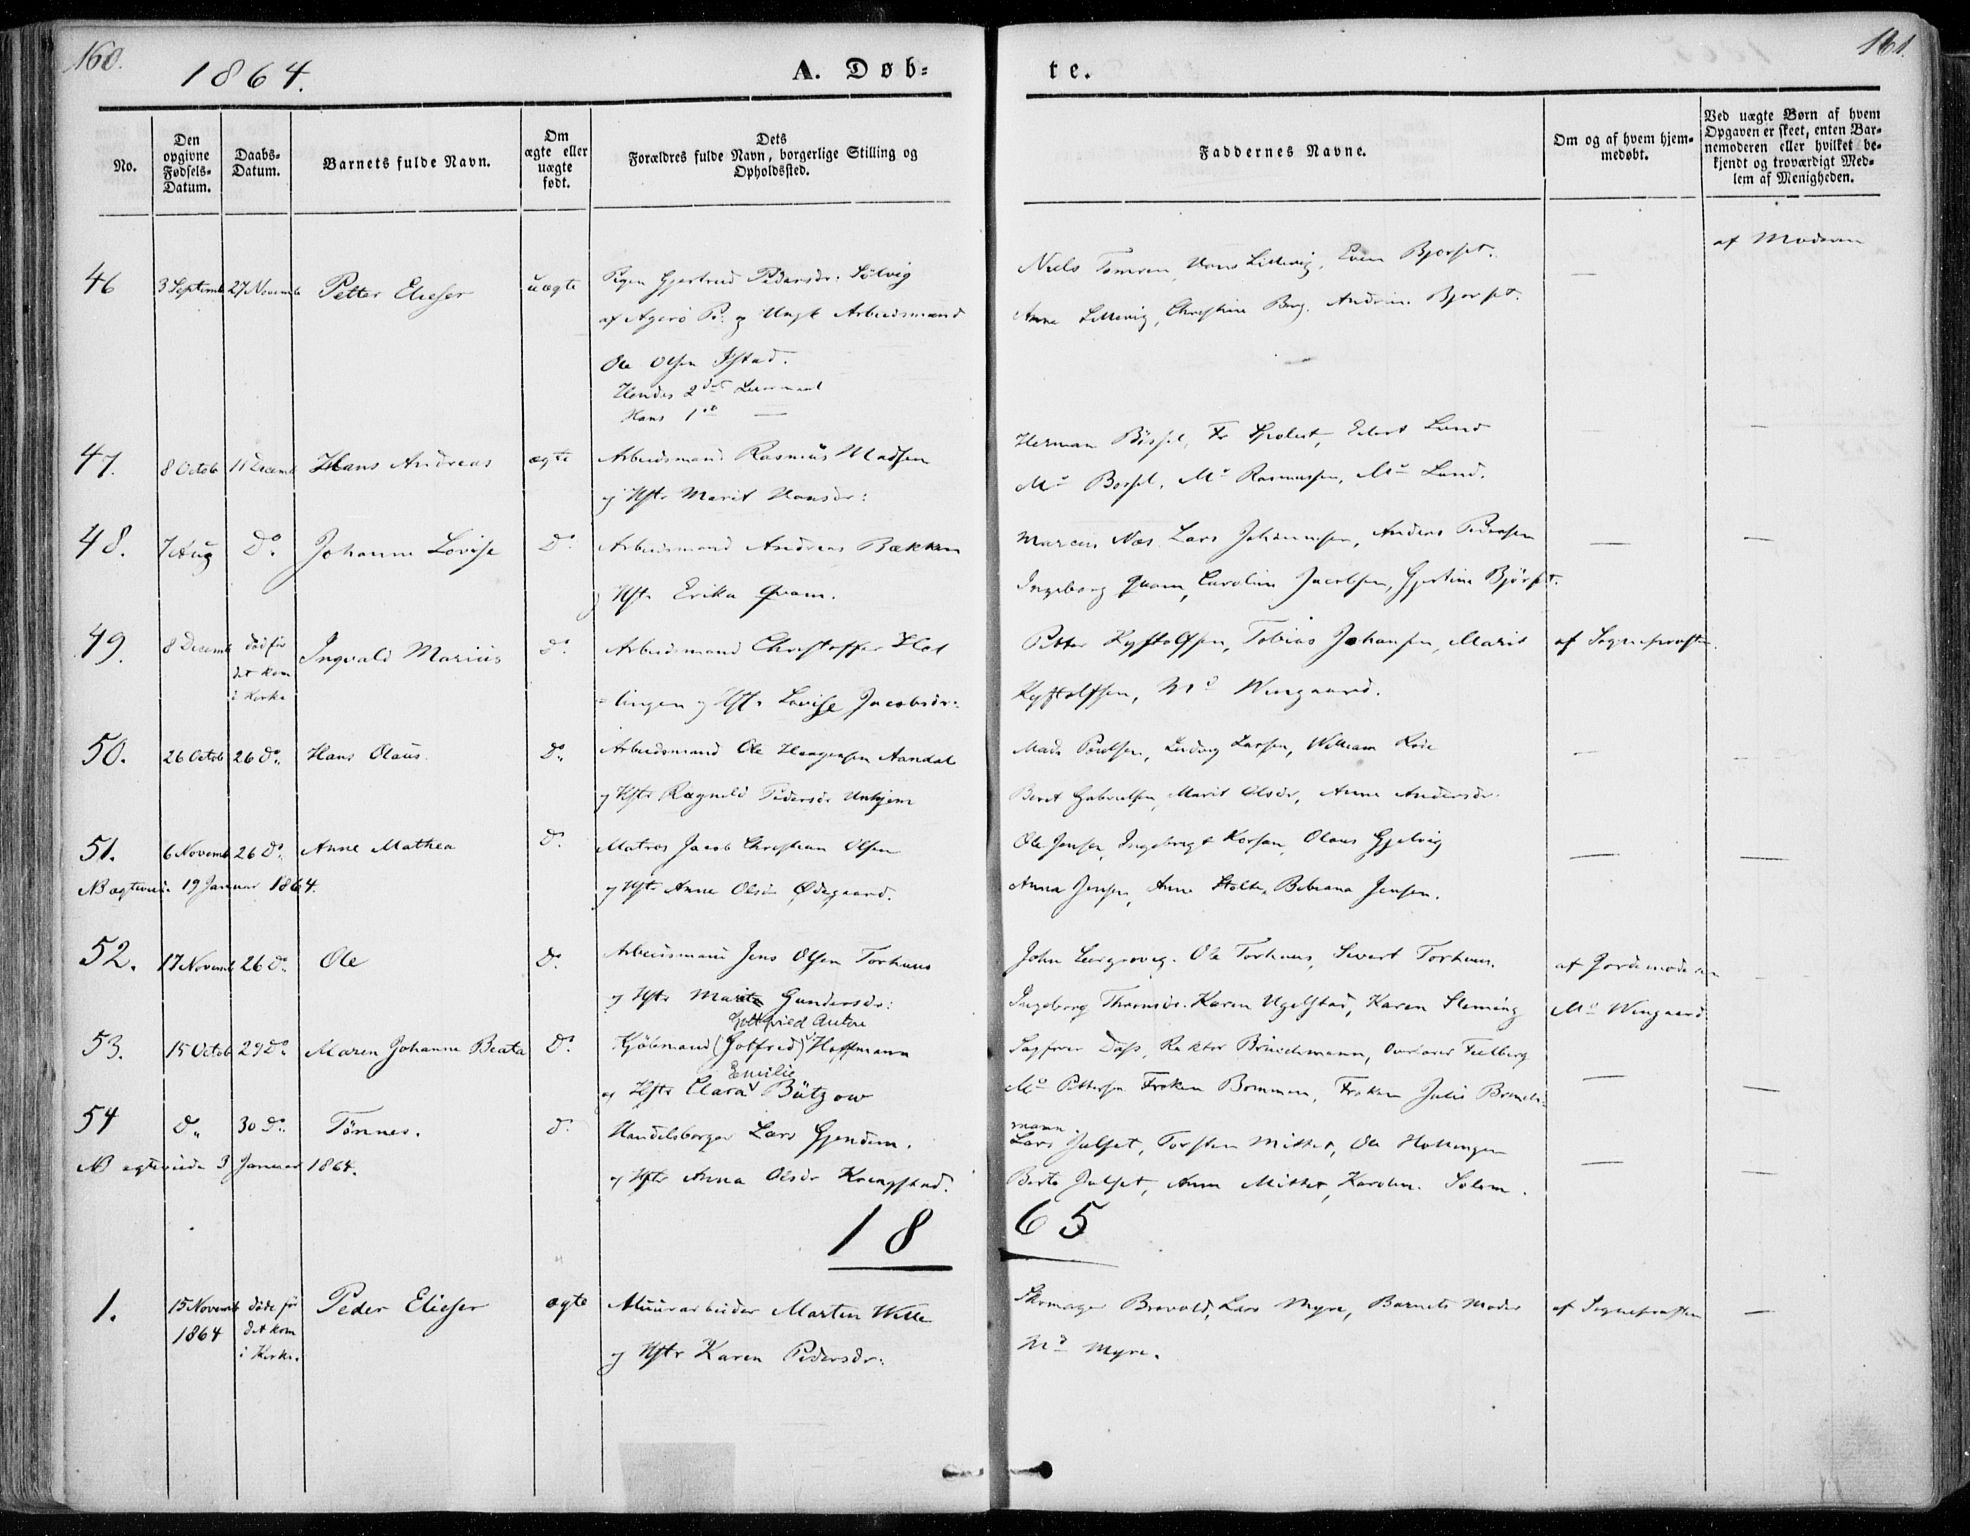 SAT, Ministerialprotokoller, klokkerbøker og fødselsregistre - Møre og Romsdal, 558/L0689: Ministerialbok nr. 558A03, 1843-1872, s. 160-161